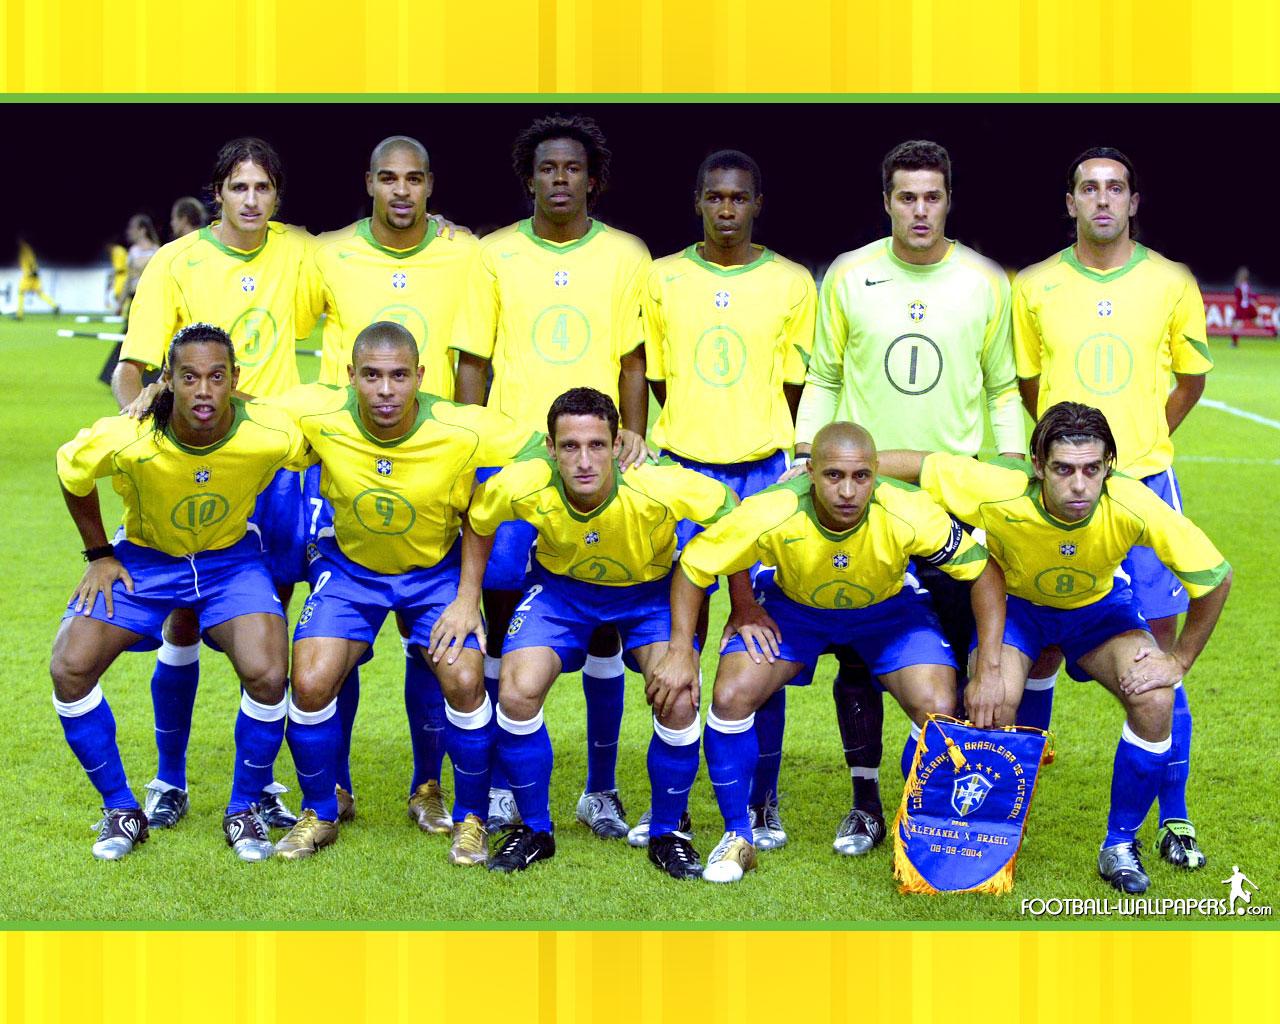 Brazilian professional